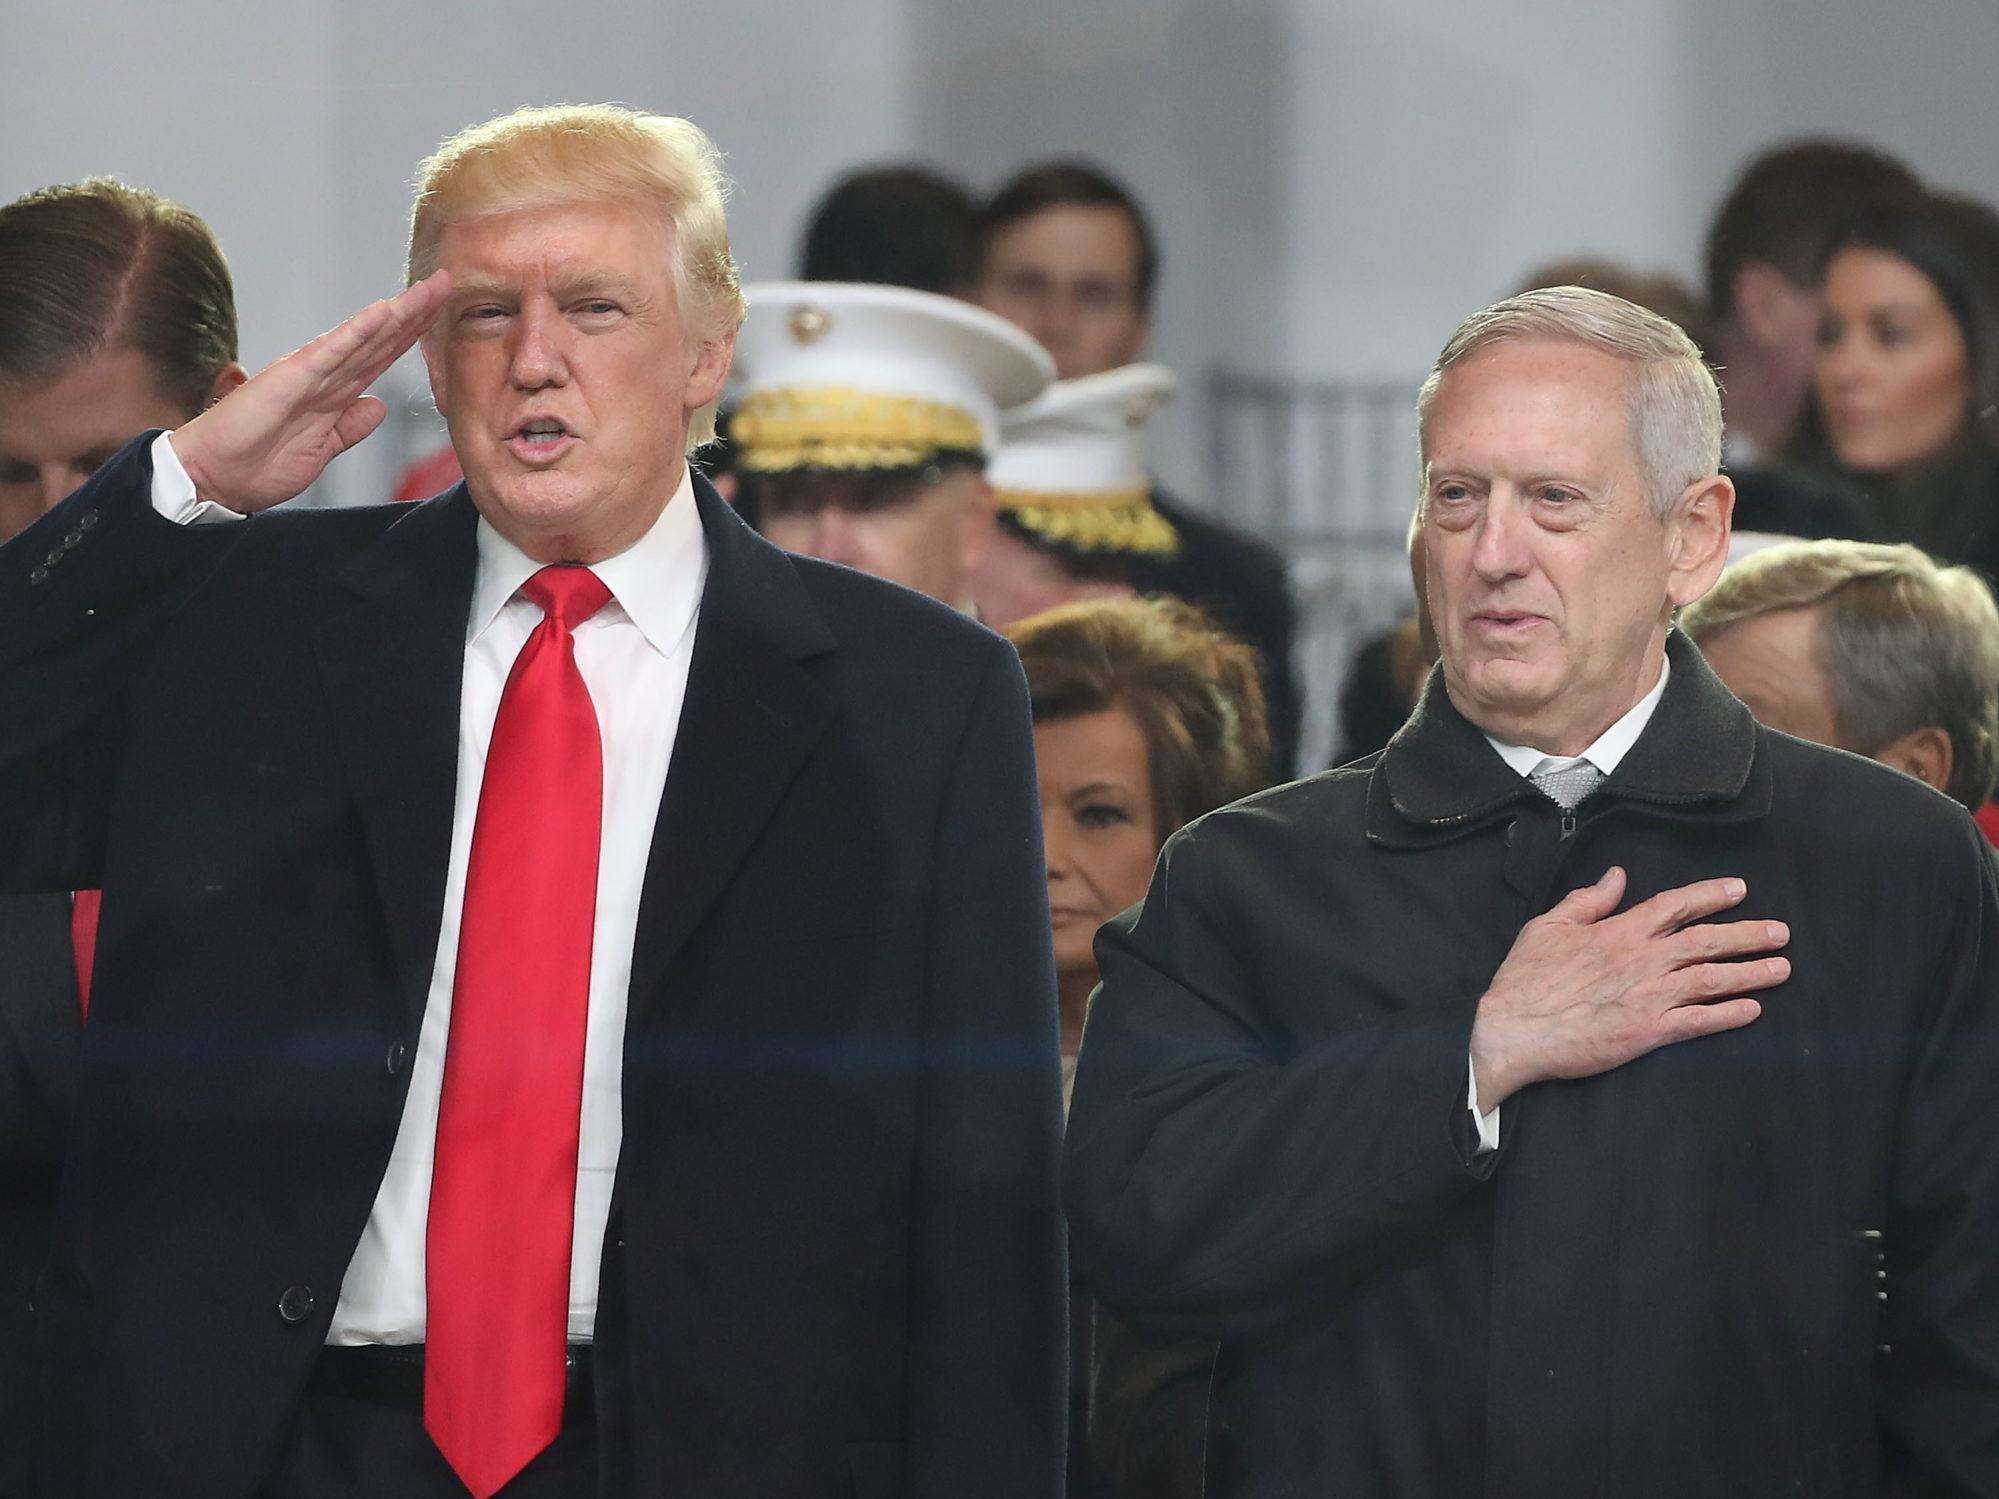 Donald Trump et Jim Mattis, ancien ministre de la défense des États-Unis